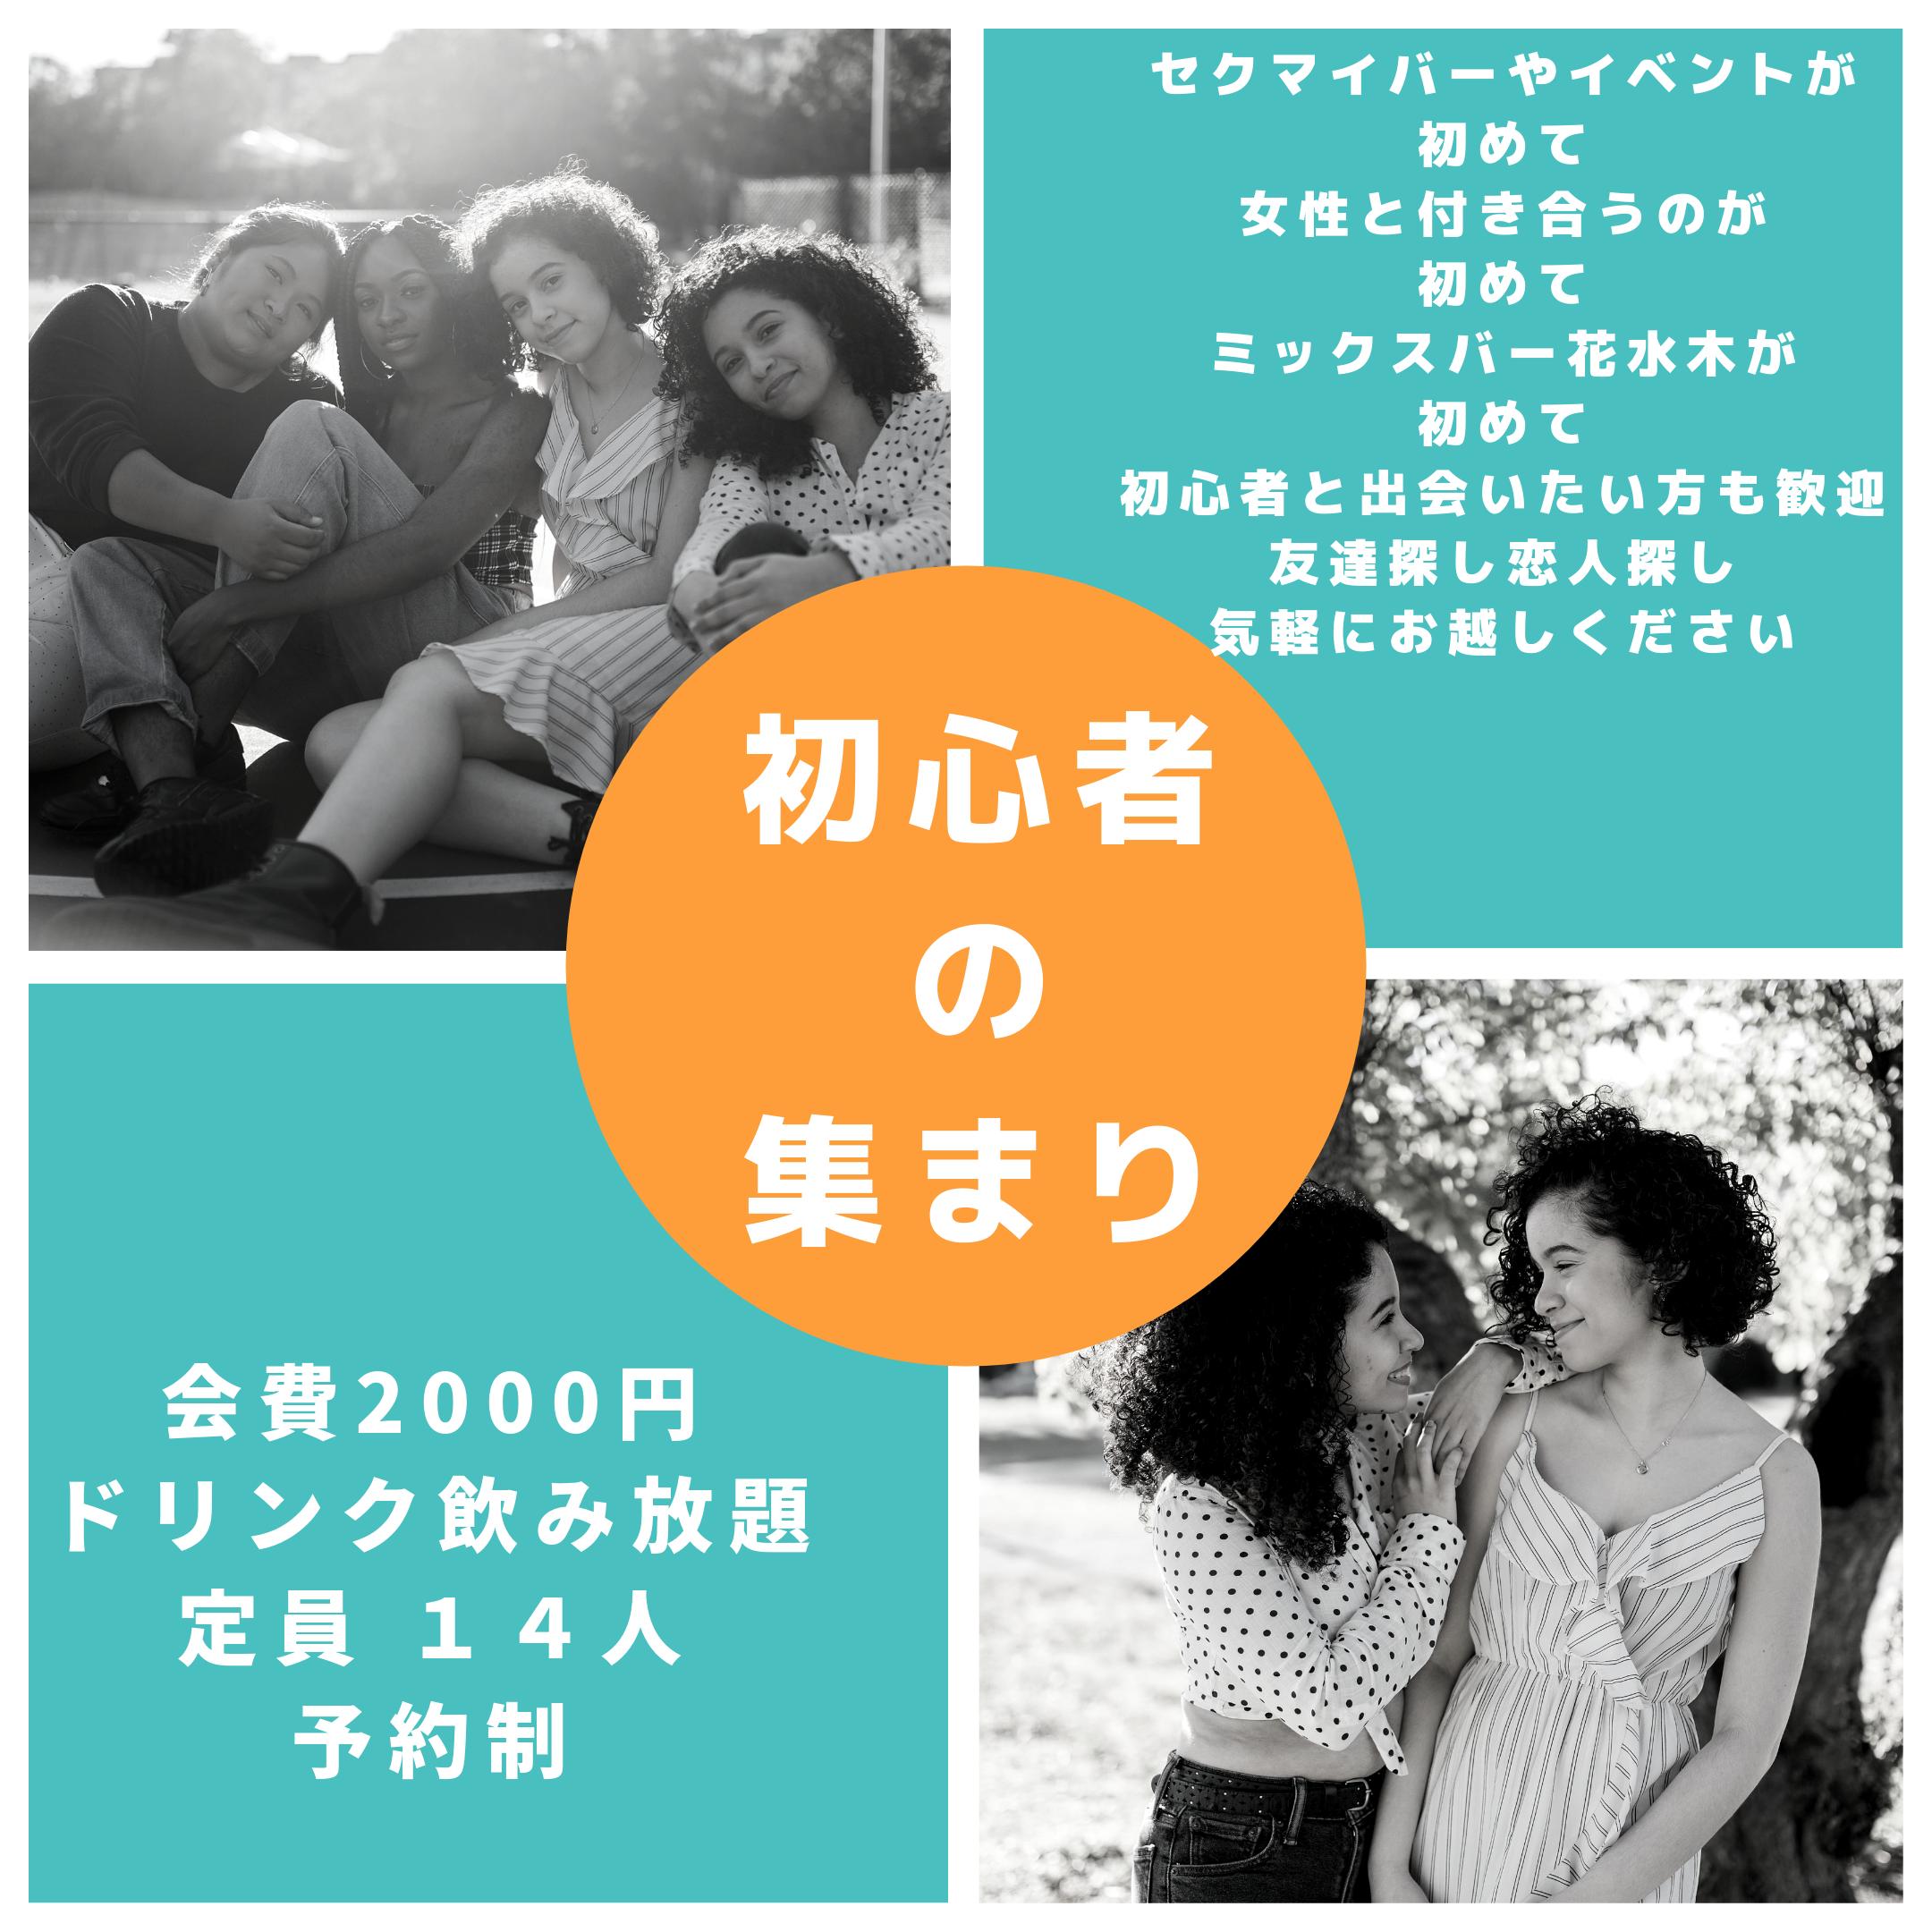 【今日開催あと2人募集】初心者の集まり 〜友達・恋人探し〜